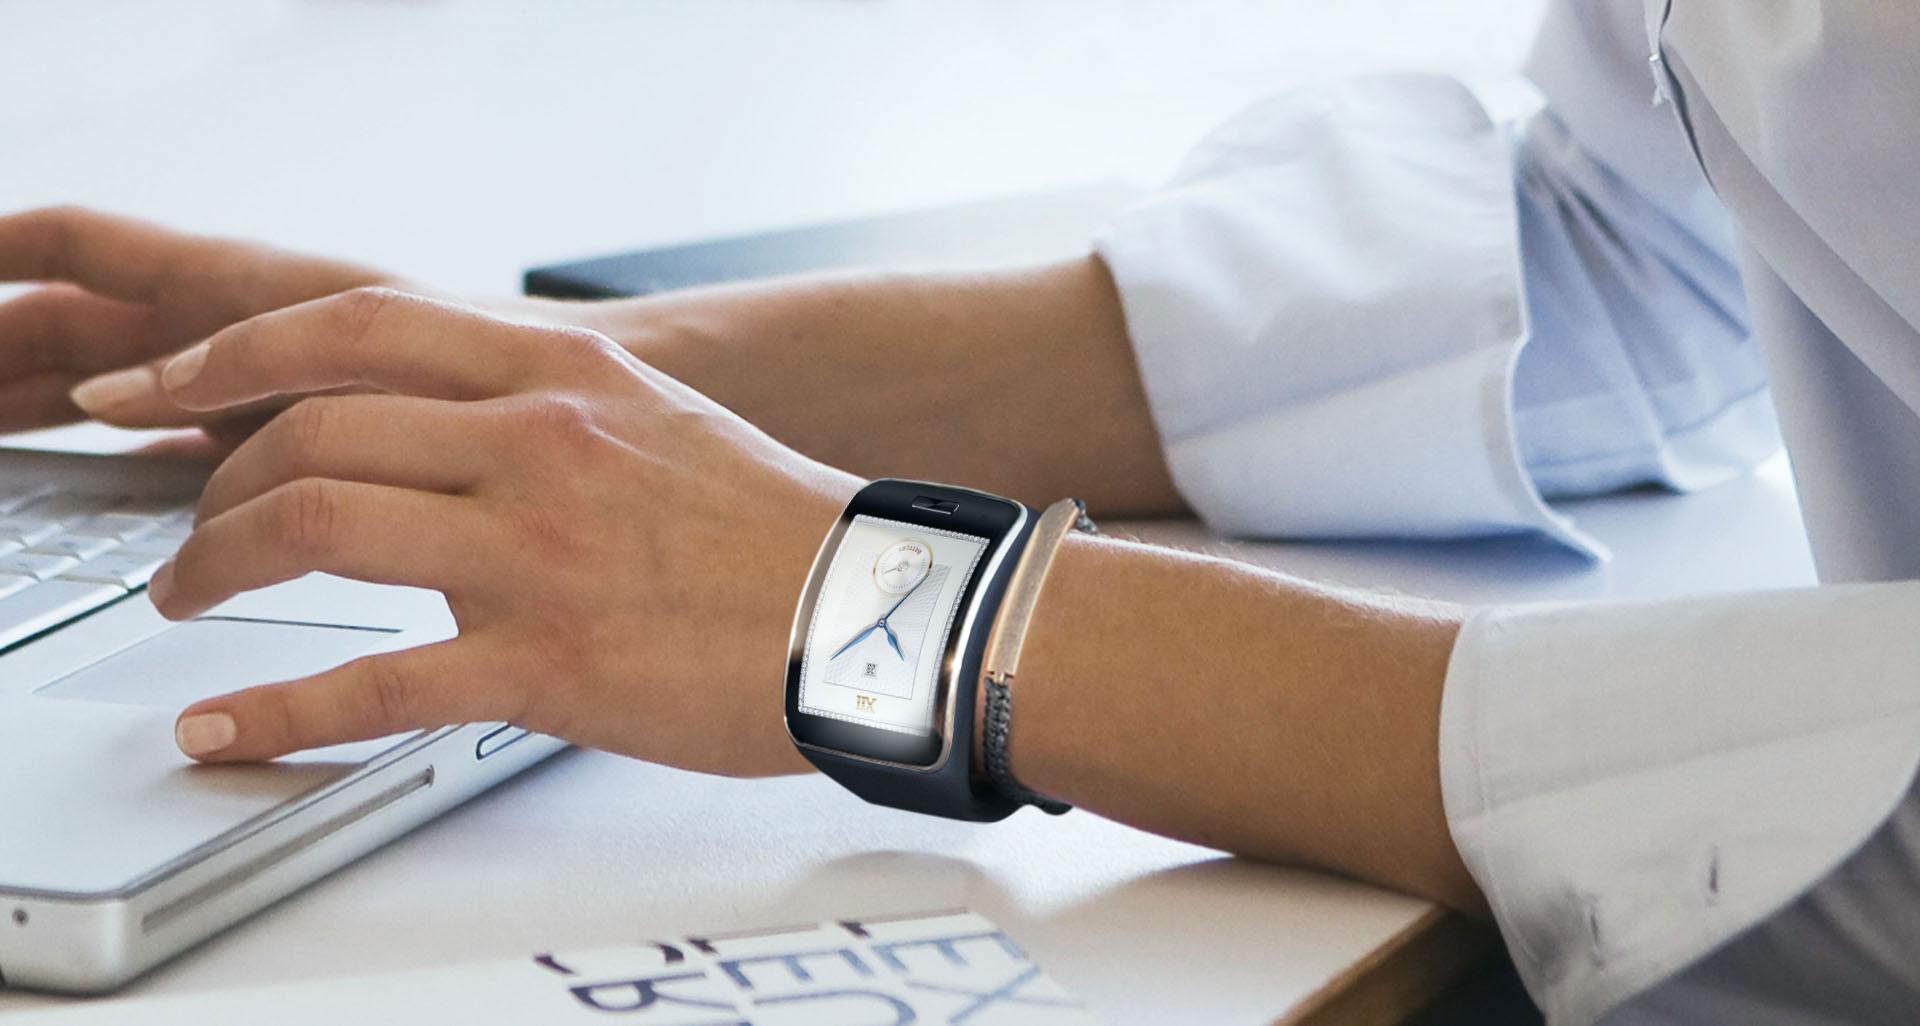 samsung-gear-s-bangle-watch-strap.jpg